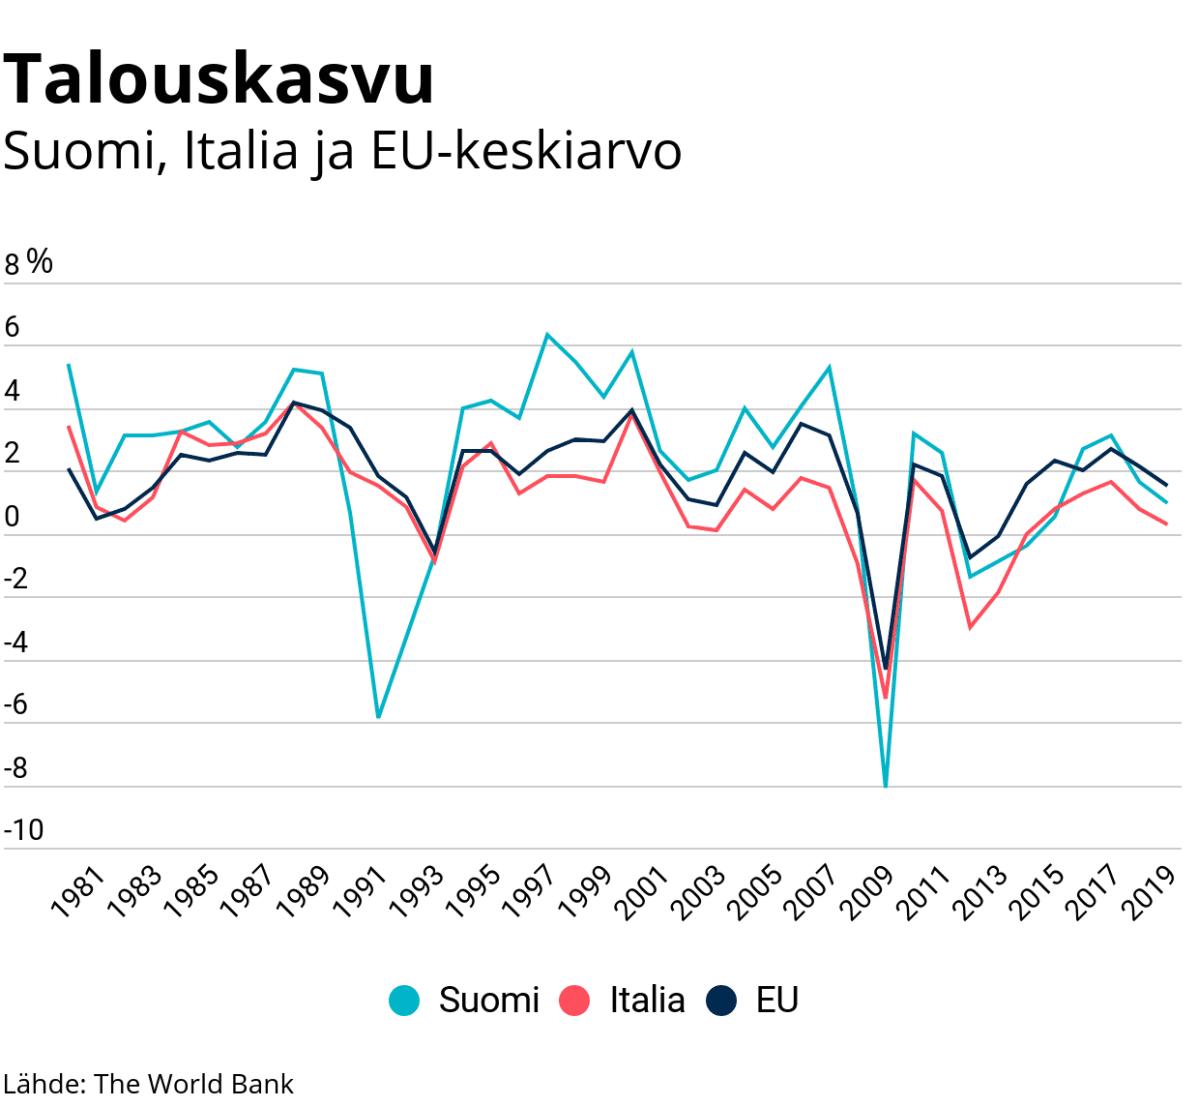 Tilastografiikka talouskasvusta Suomessa, Italiassa ja EU:n keskiarvo.